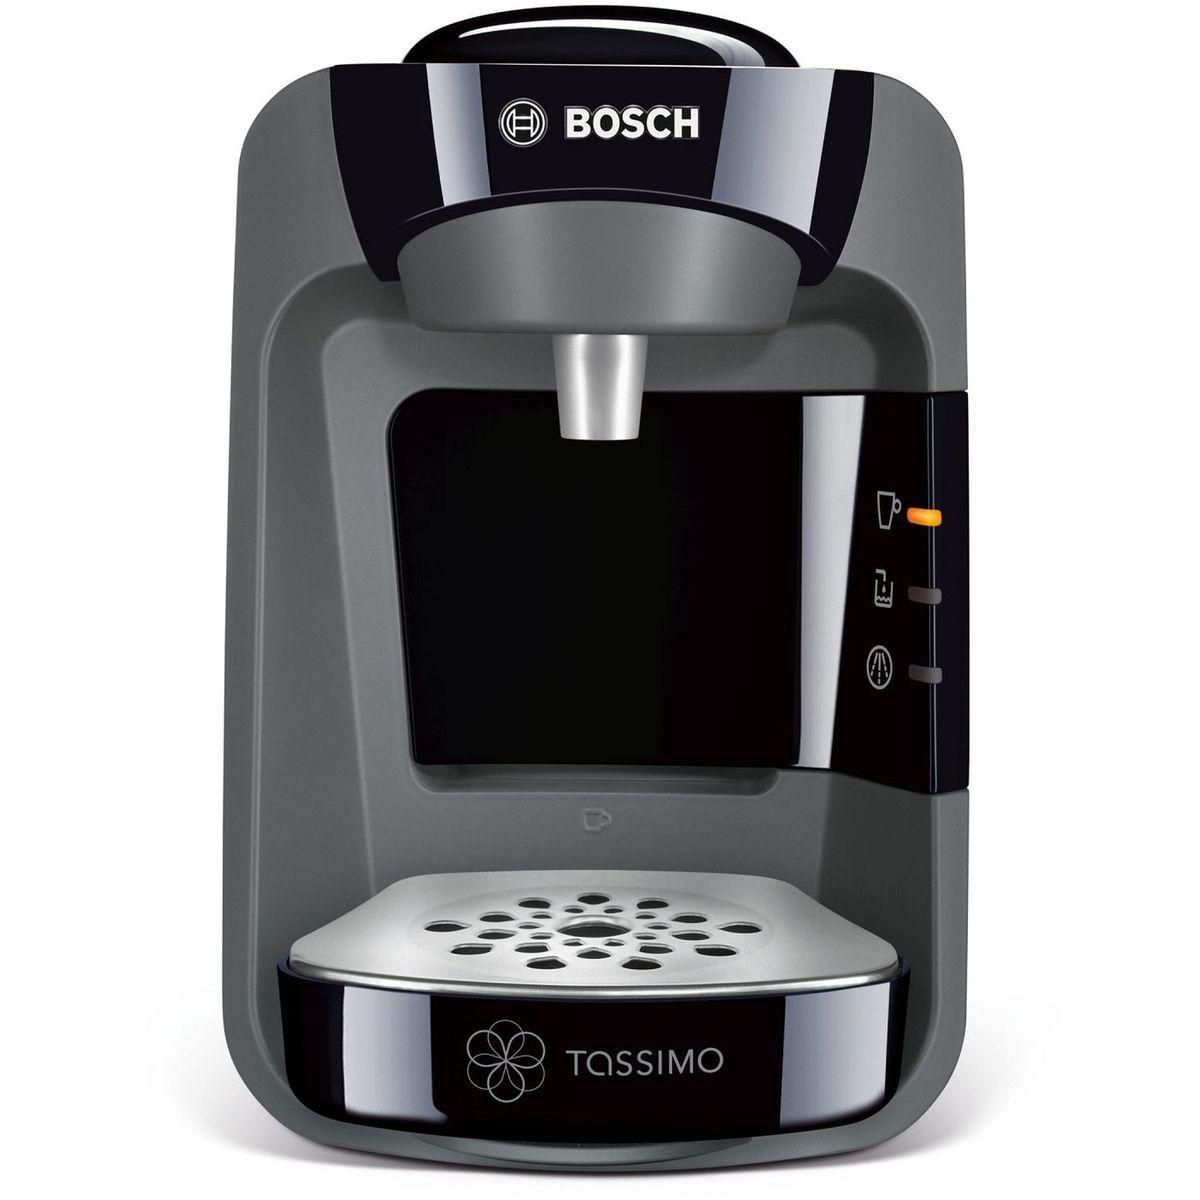 Bosch Tassimo Achat Vente De Bosch Pas Cher